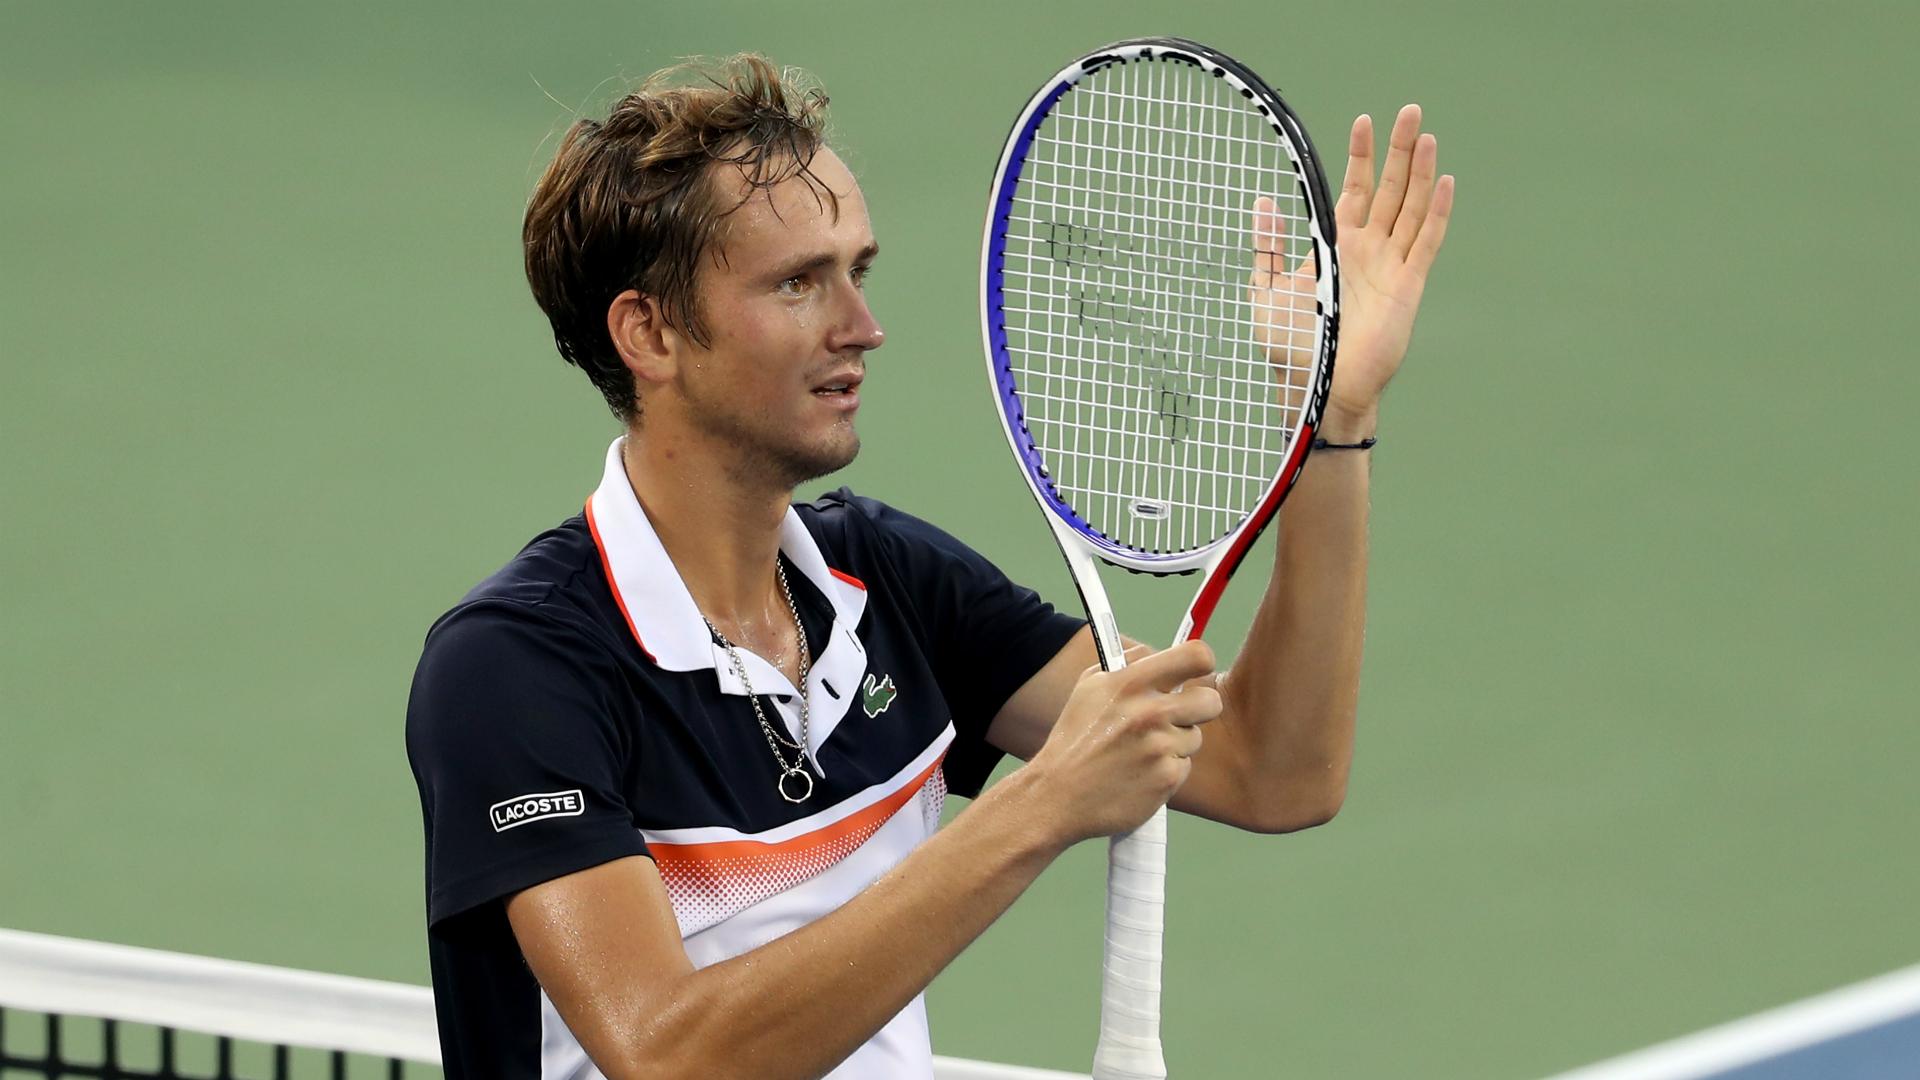 Medvedev blitzes Djokovic to reach Cincy final